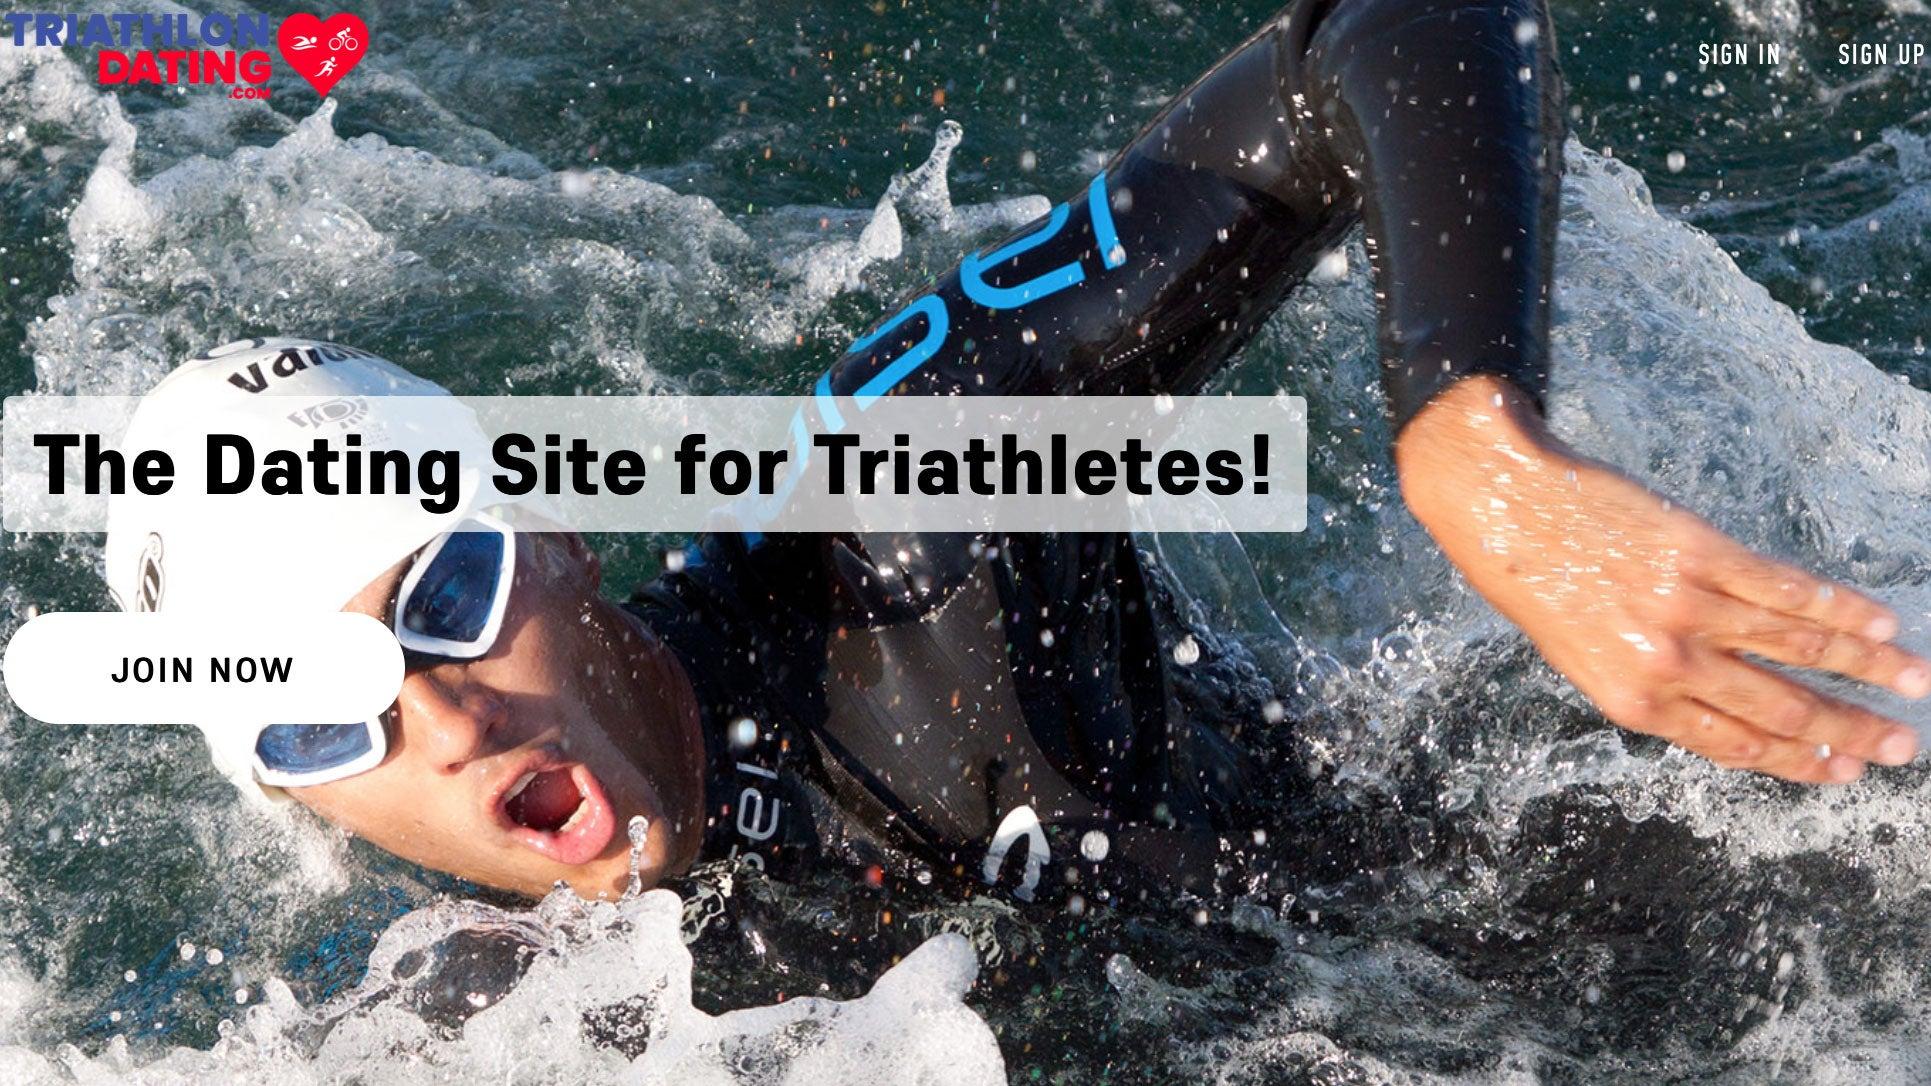 triathlon dating website